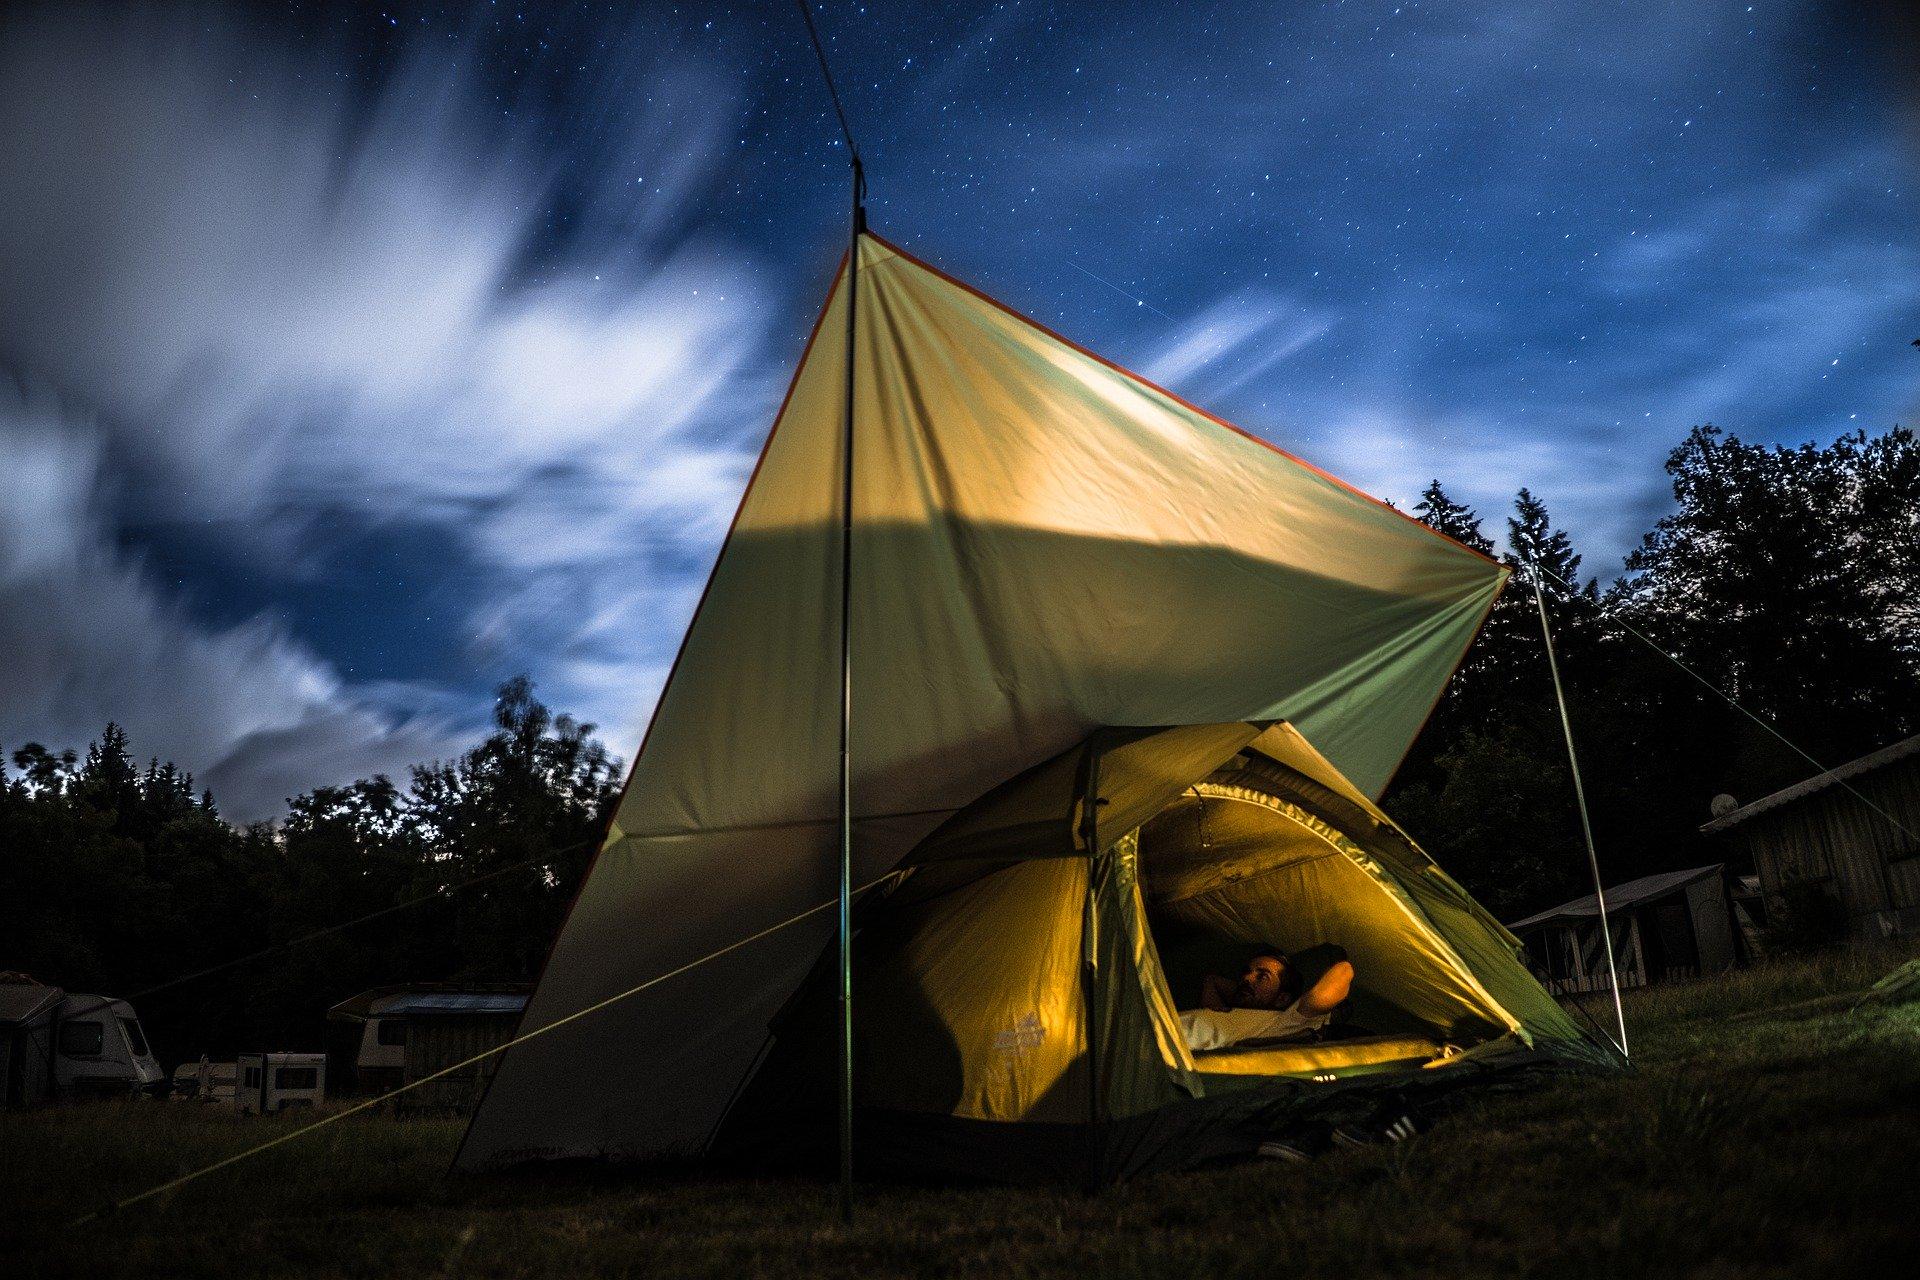 くりの木キャンプ場(群馬)で景色・夜景を堪能!ファミリーからも大人気!